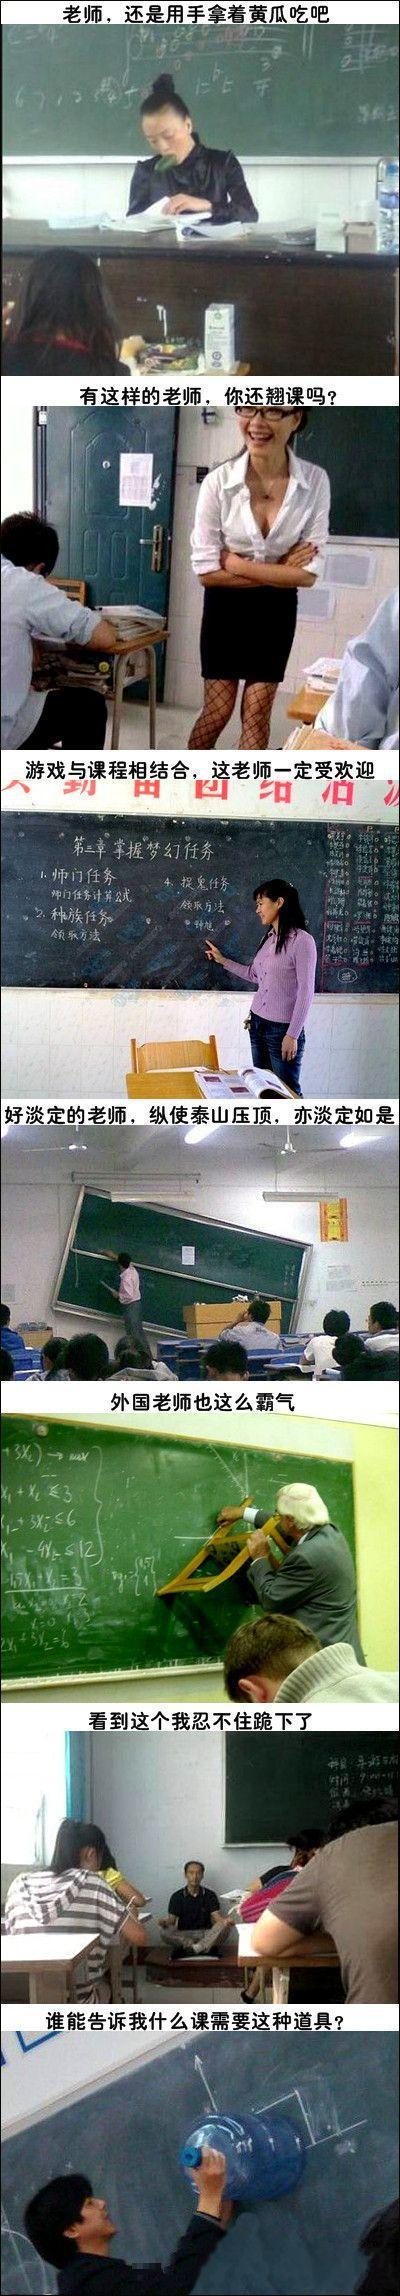 每个人心中,总有个让你难忘的老师